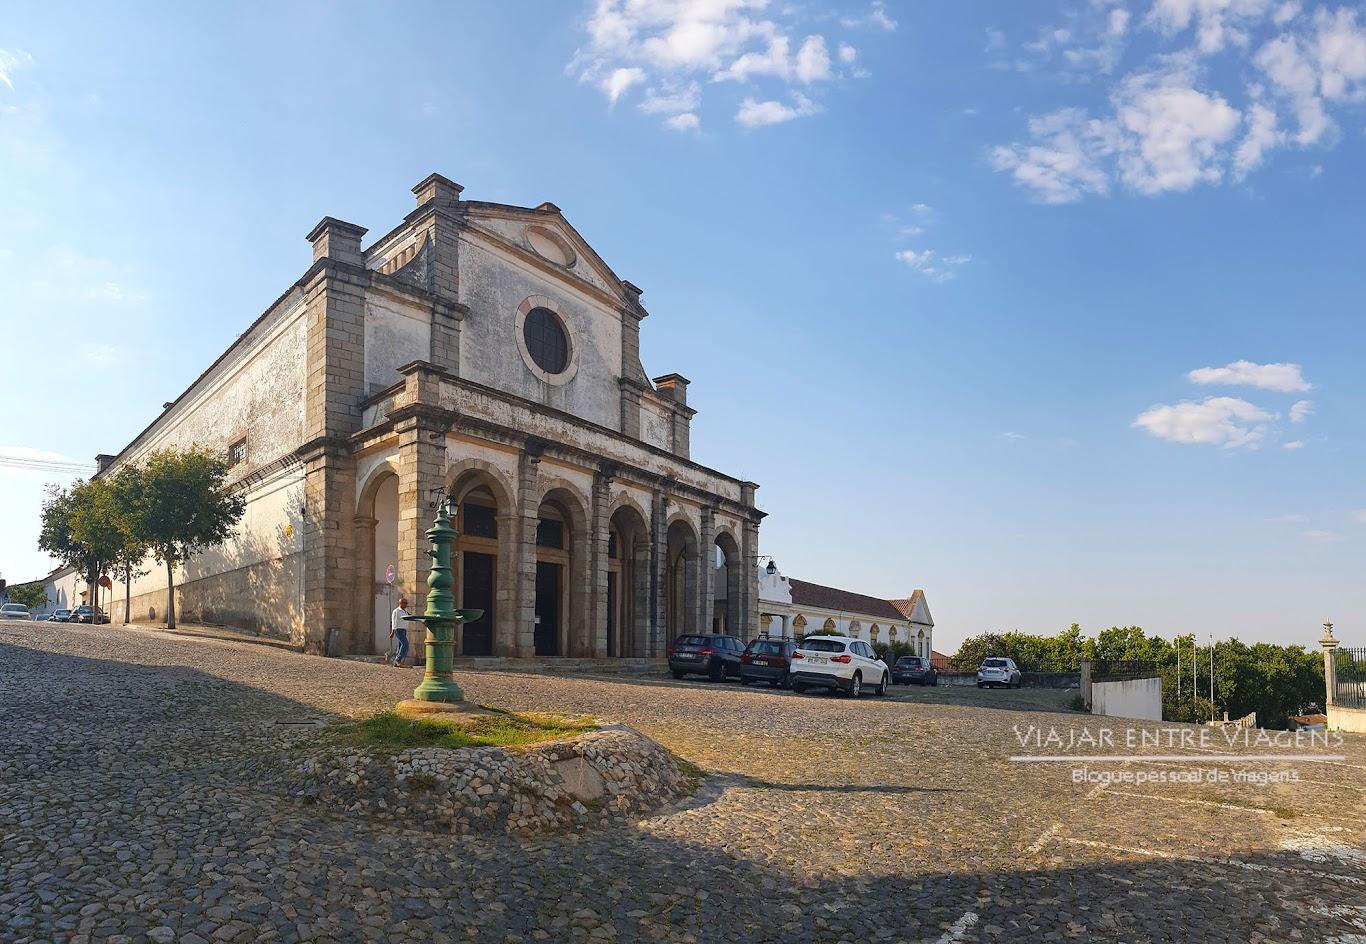 VISITAR ÉVORA, o que ver e fazer na cidade-museu, Património Mundial da UNESCO